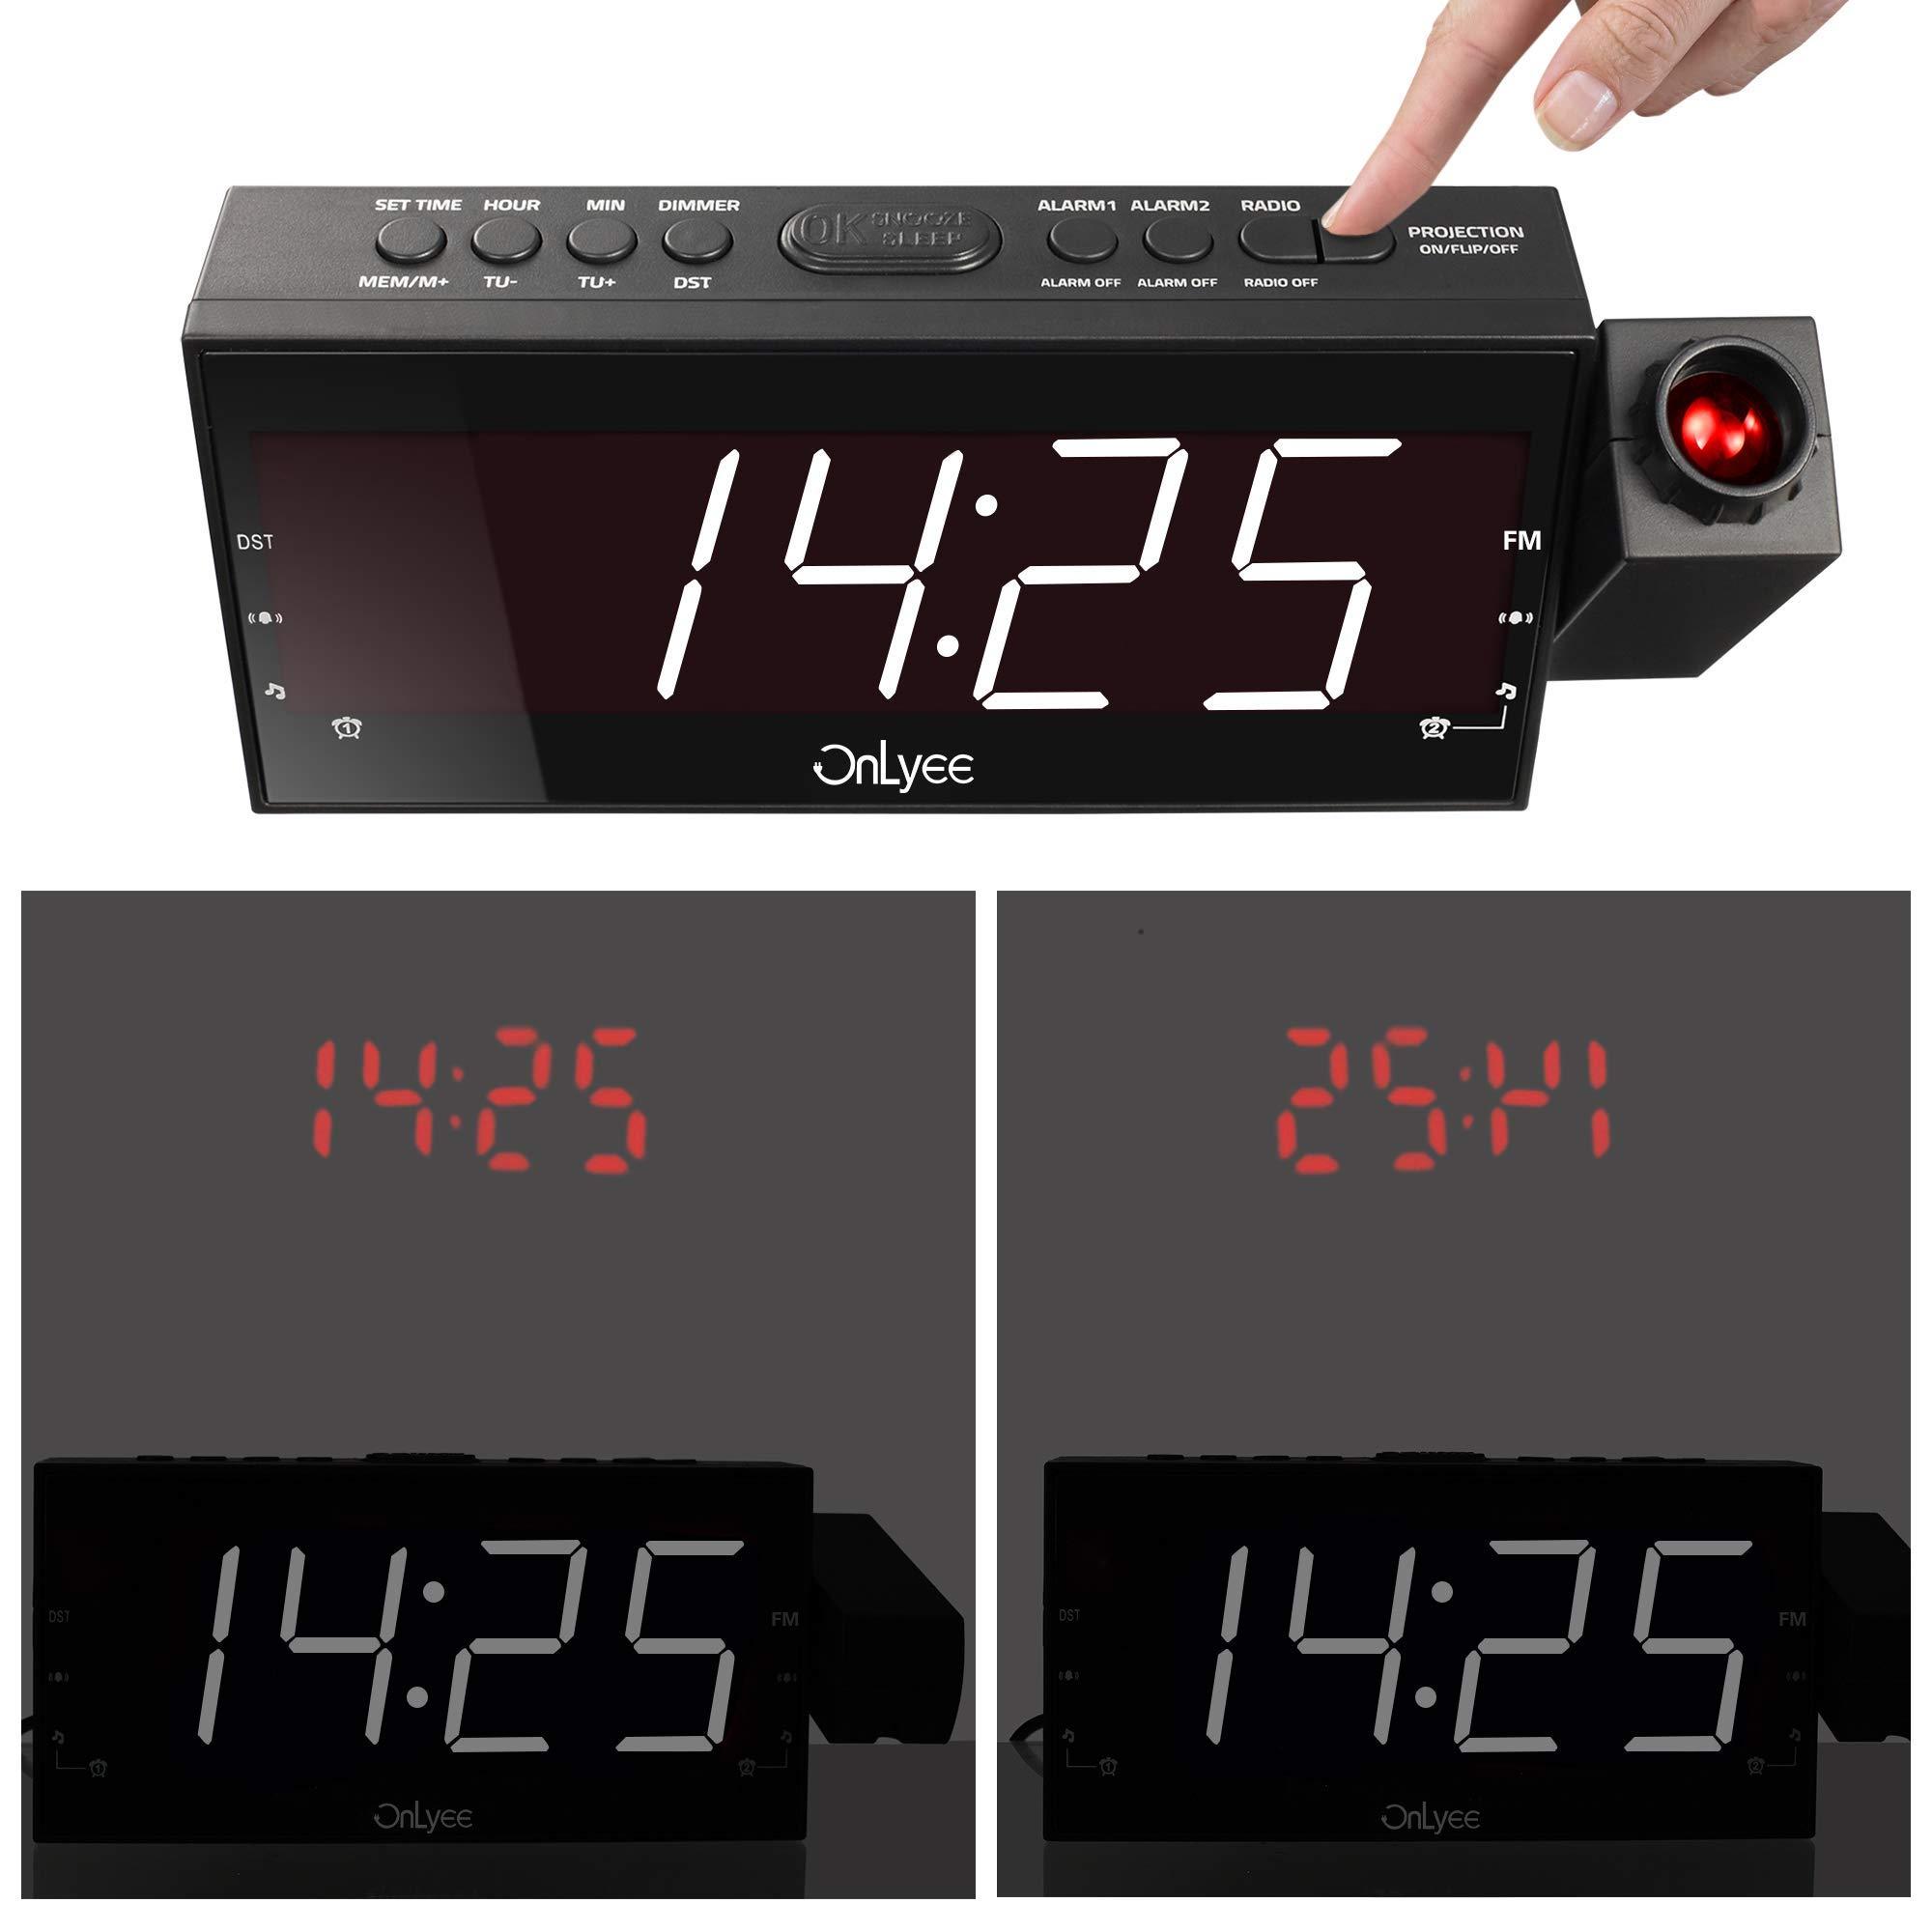 Mesqool Projektionswecker, 7\'\' große LED-Anzeige, FM Radiowecker, Decke Mauer Projektionsanzeige mit 3 Helligkeitsstufen, Dual-Alarm mit USB-Ladeanschluss, Schlaf-Timer, Datensicherung mit Batterie am Stromausfall, Digitaler Wecker für Sc